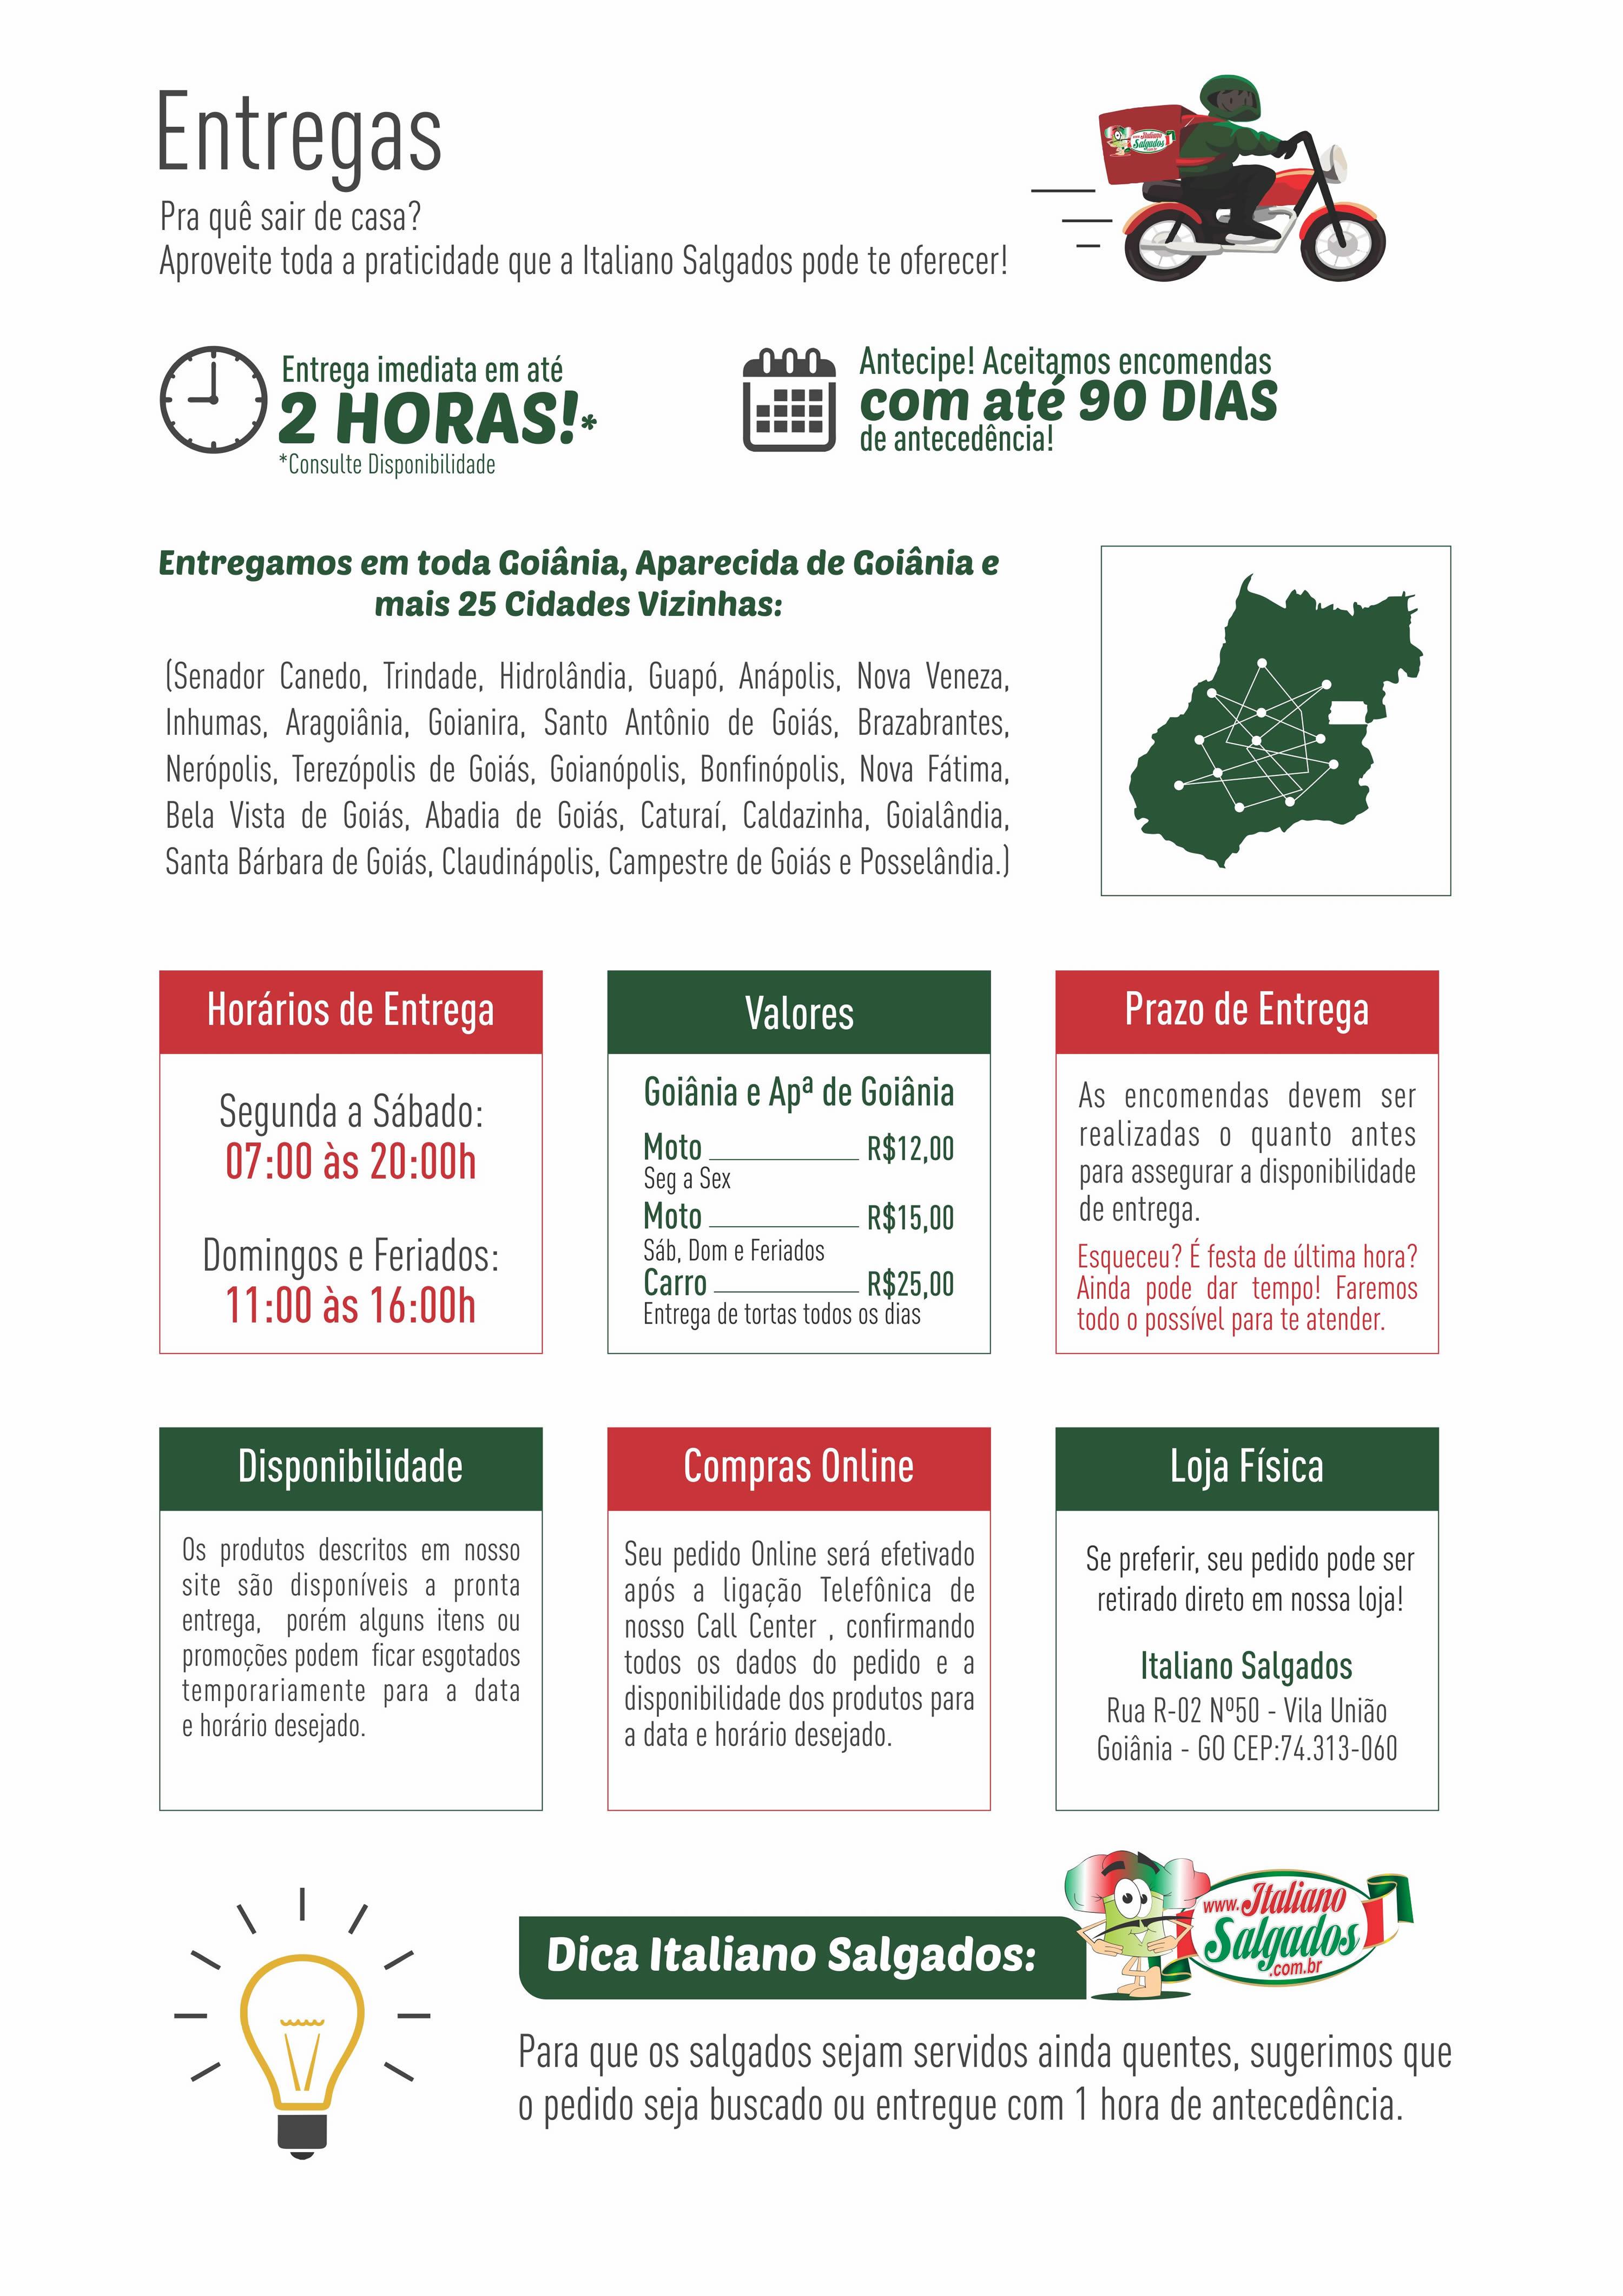 c086b42e0 Loja online de Italiano Salgados - Goiânia - Entregas